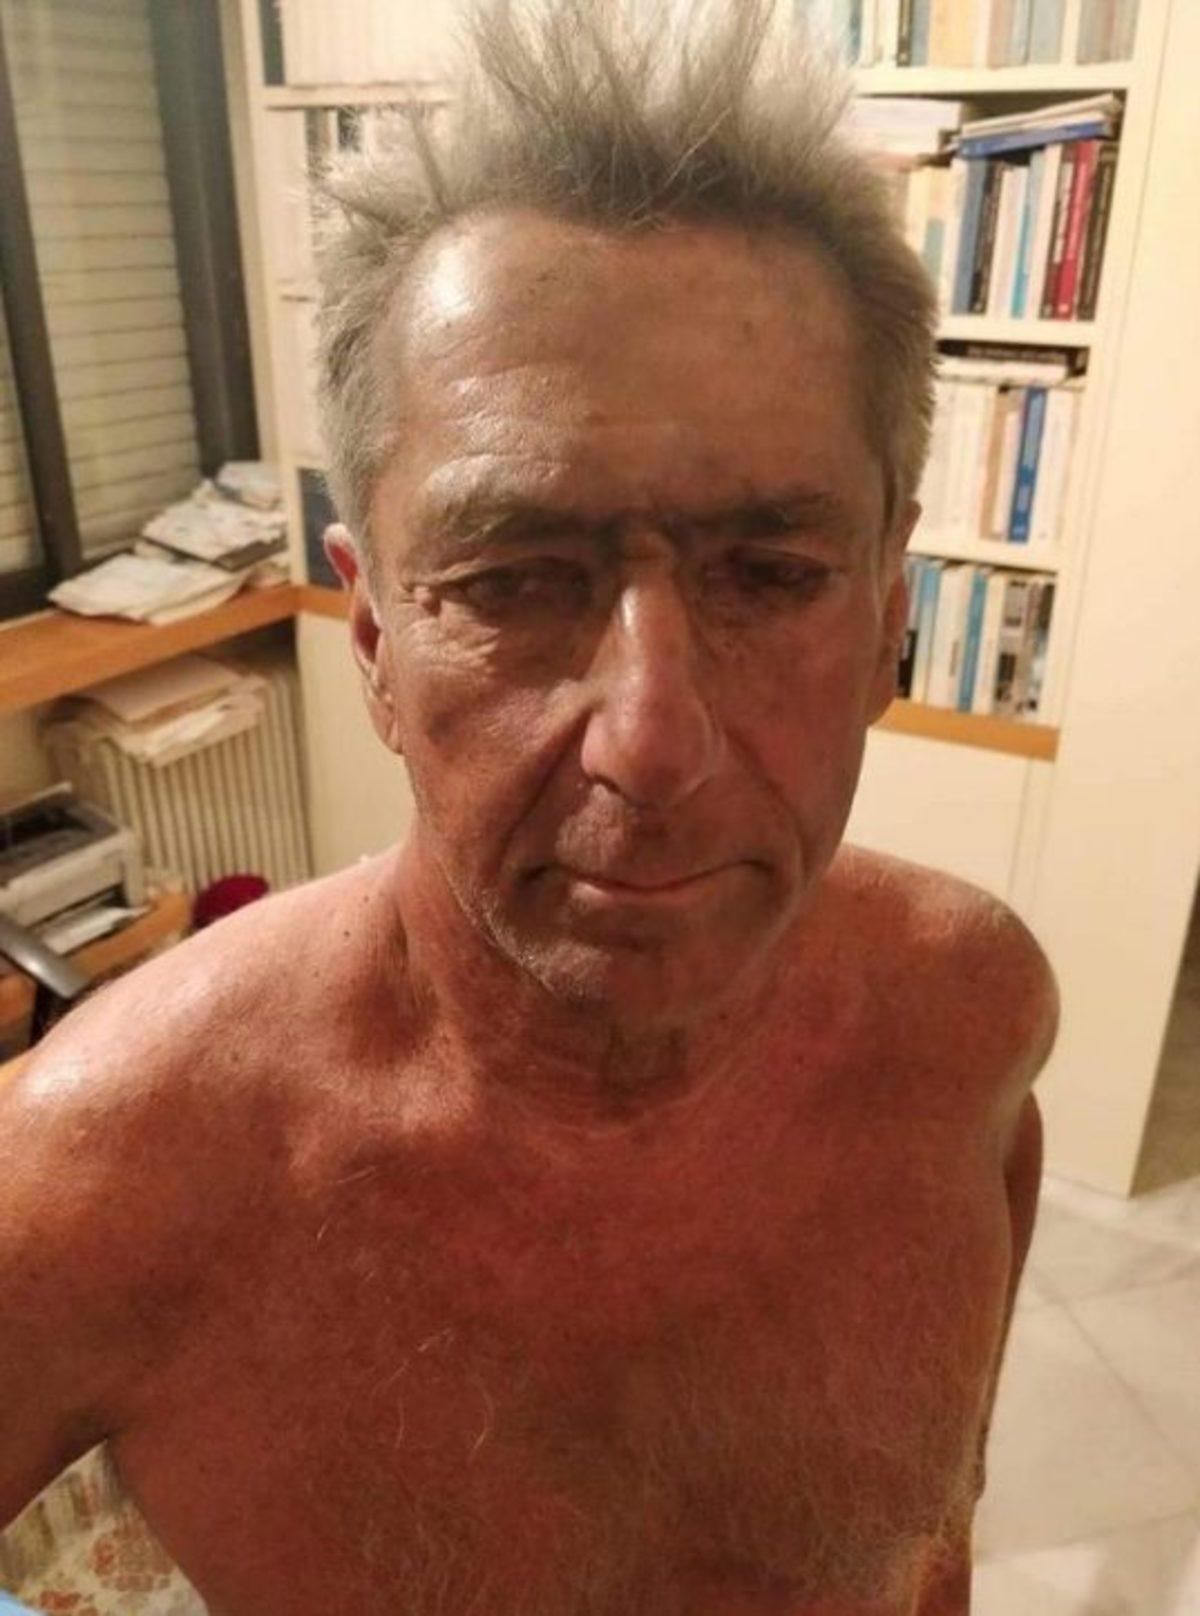 """Θανάσης Διαμαντόπουλος: Έτσι έζησα την κόλαση στην Αργυρά Ακτή – """"Φίλησα τον Απόστολο. Τον Αλέξανδρο δεν τόλμησα…"""""""